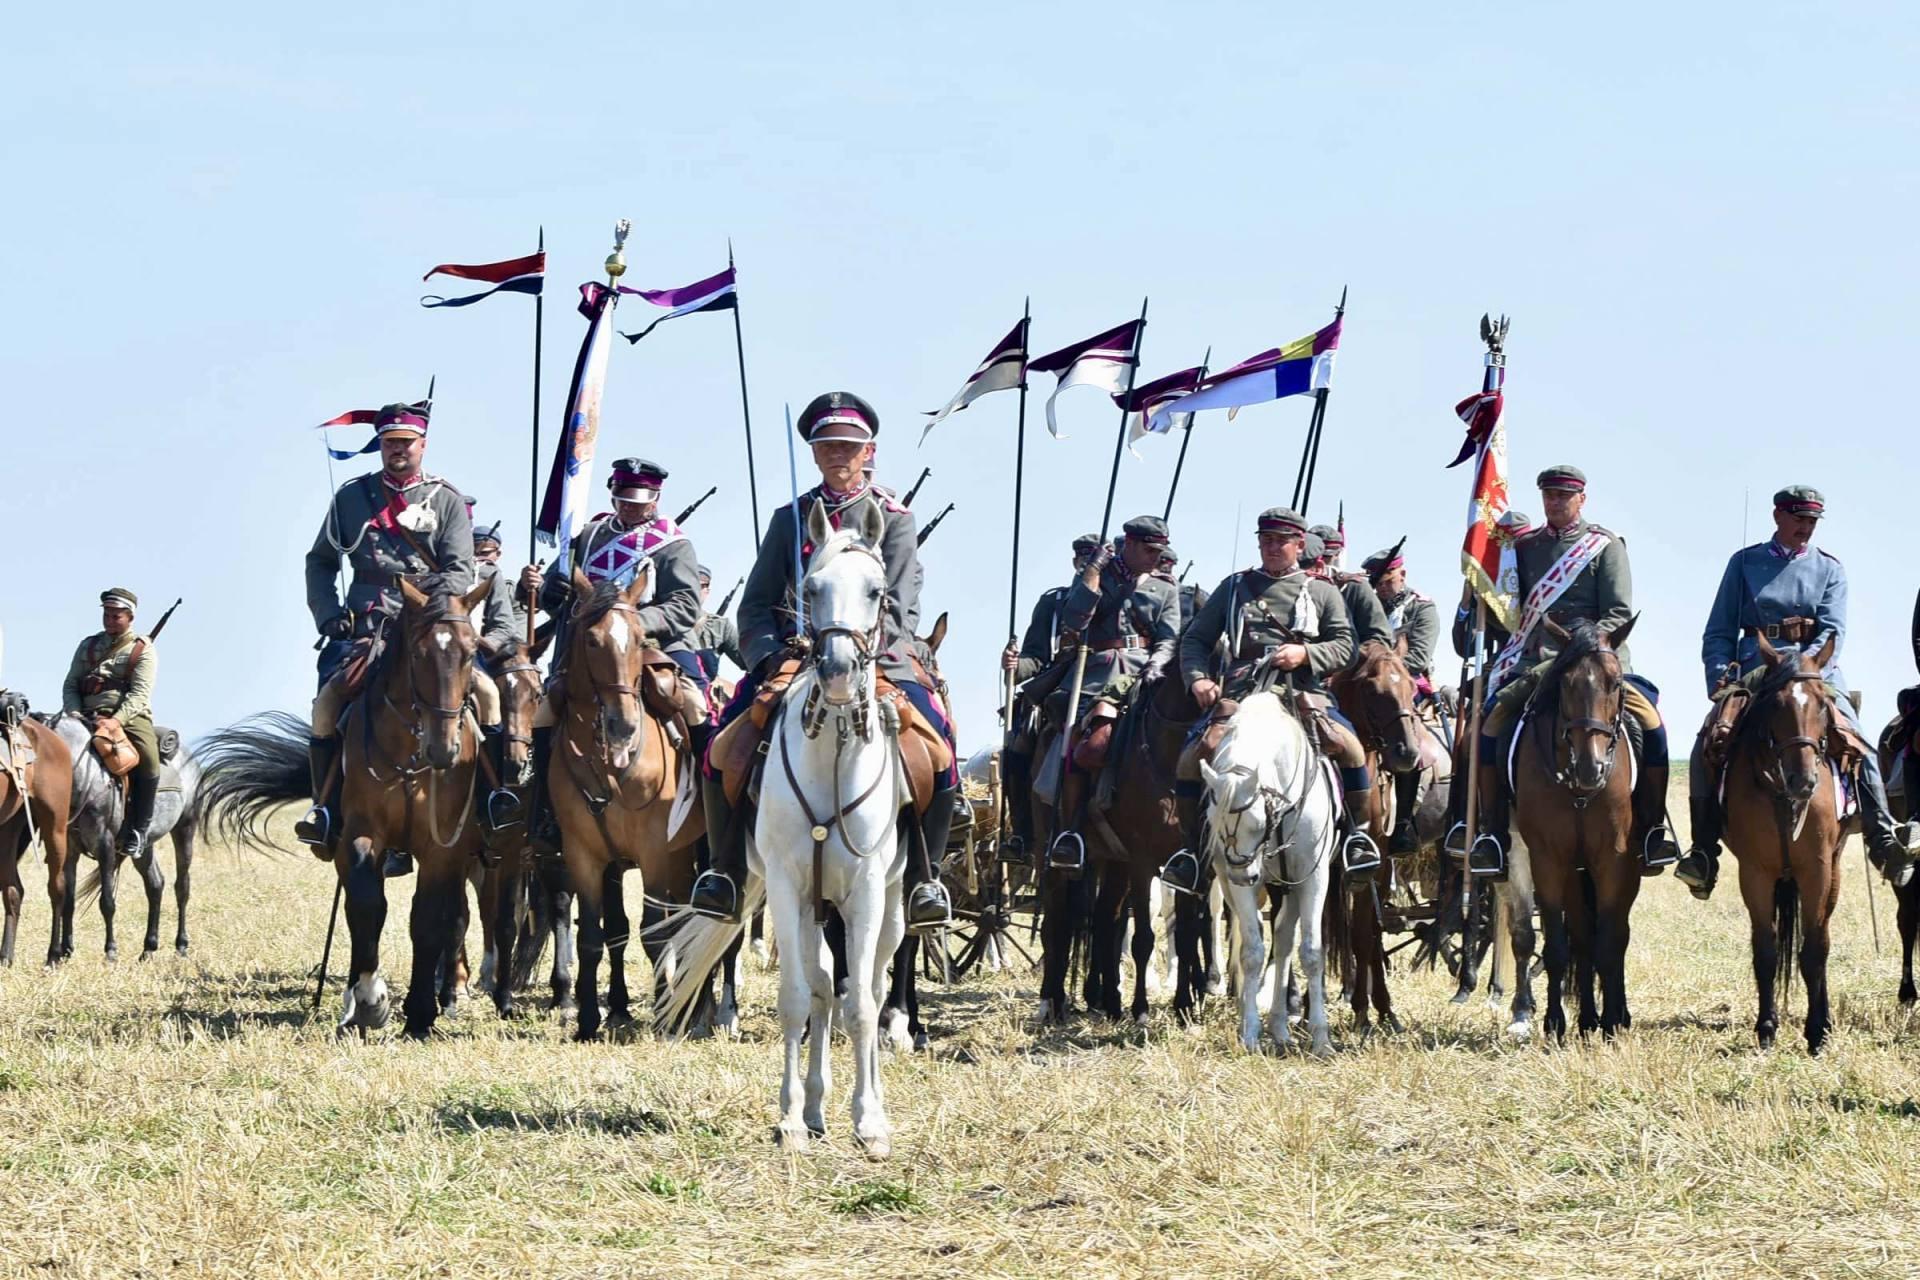 dsc 0533 Czas szabli - 100 rocznica bitwy pod Komarowem(zdjęcia)